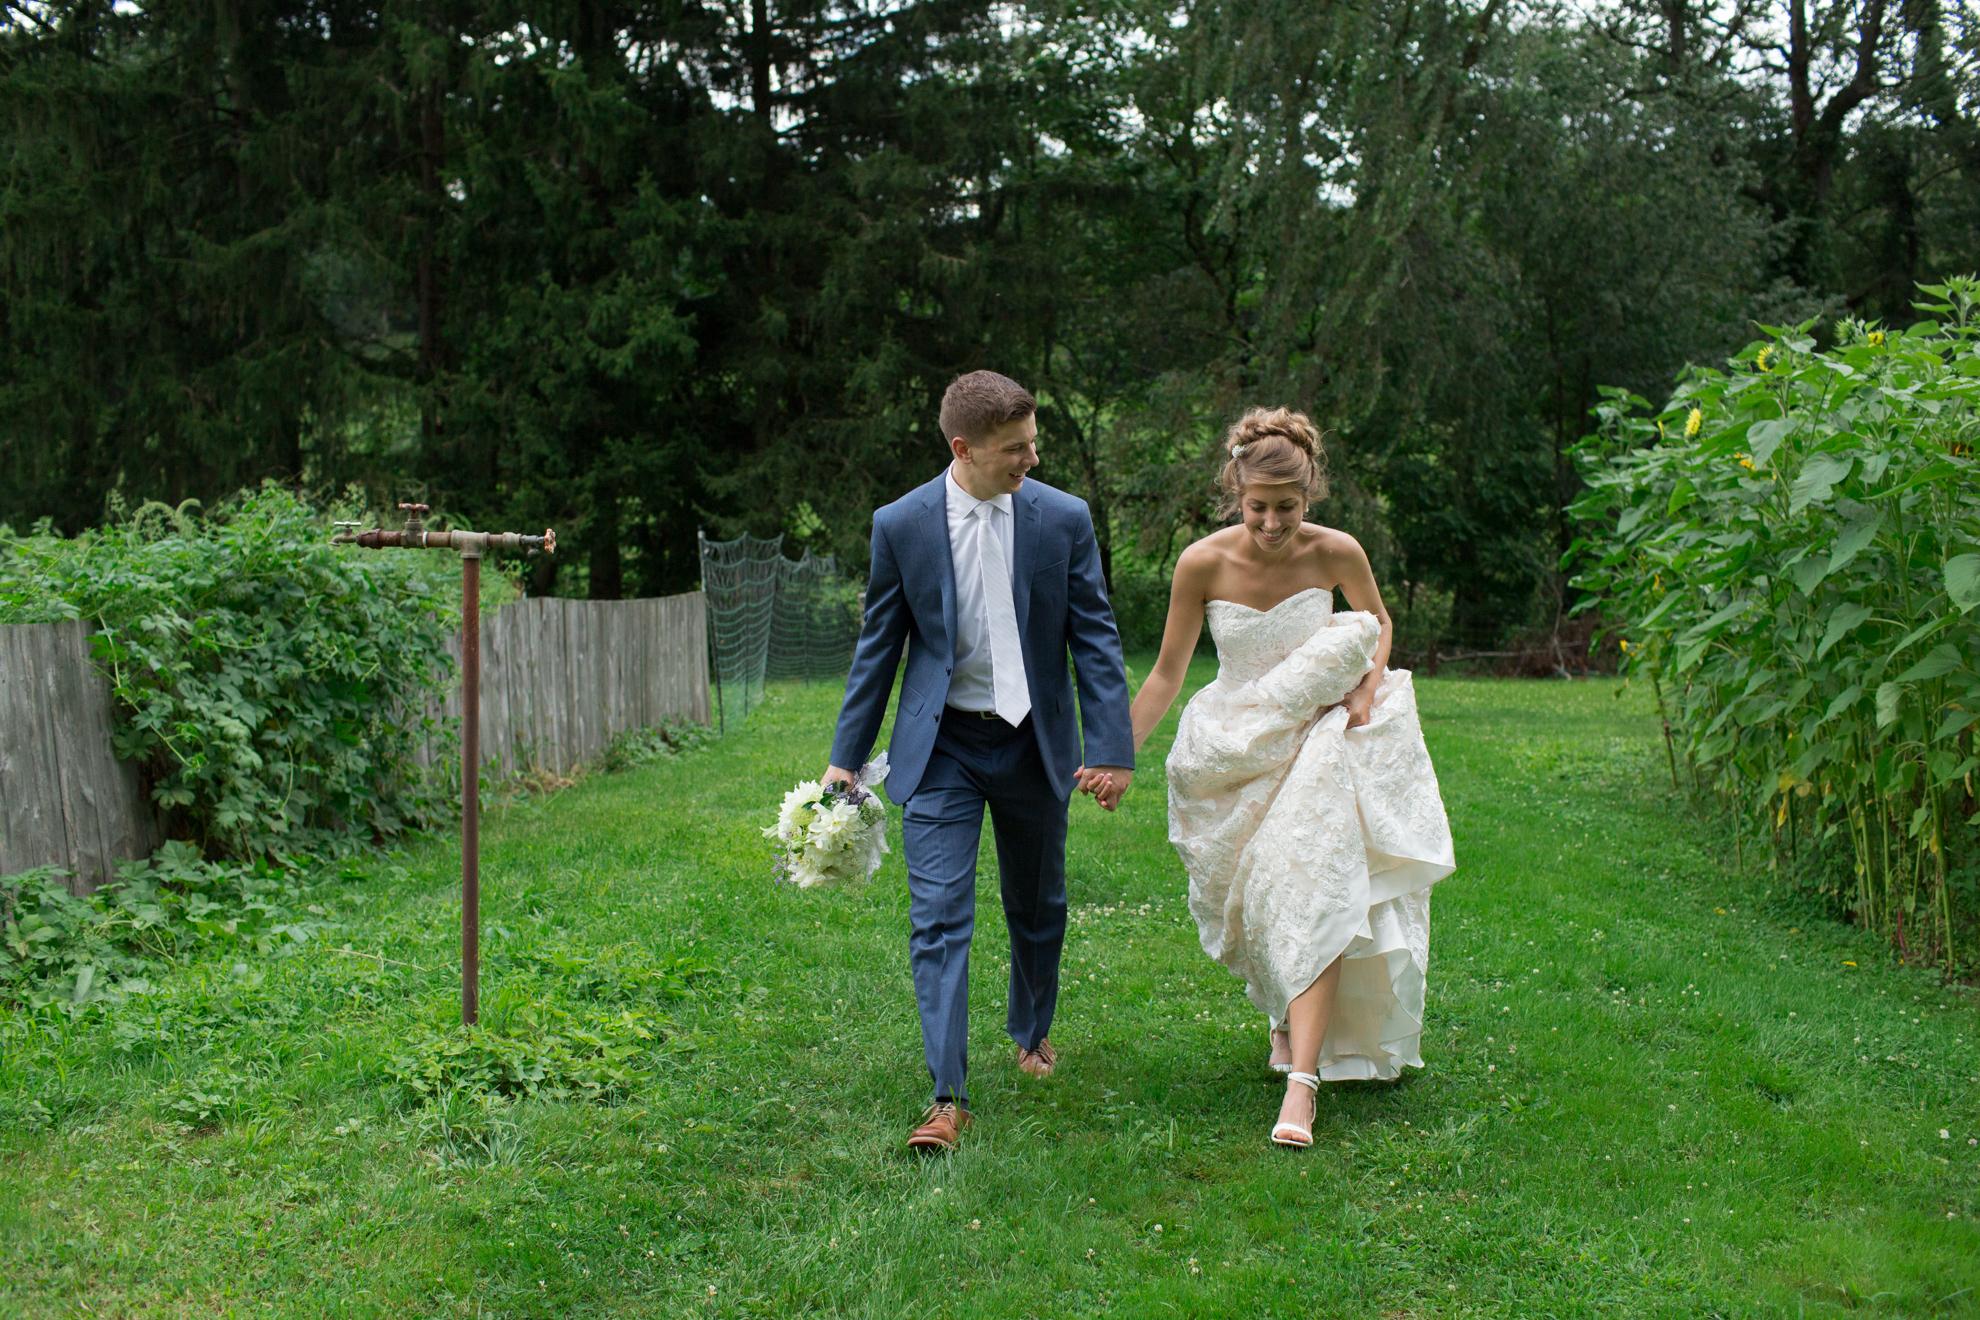 bride-groom-pittsburgh-wedding-photography